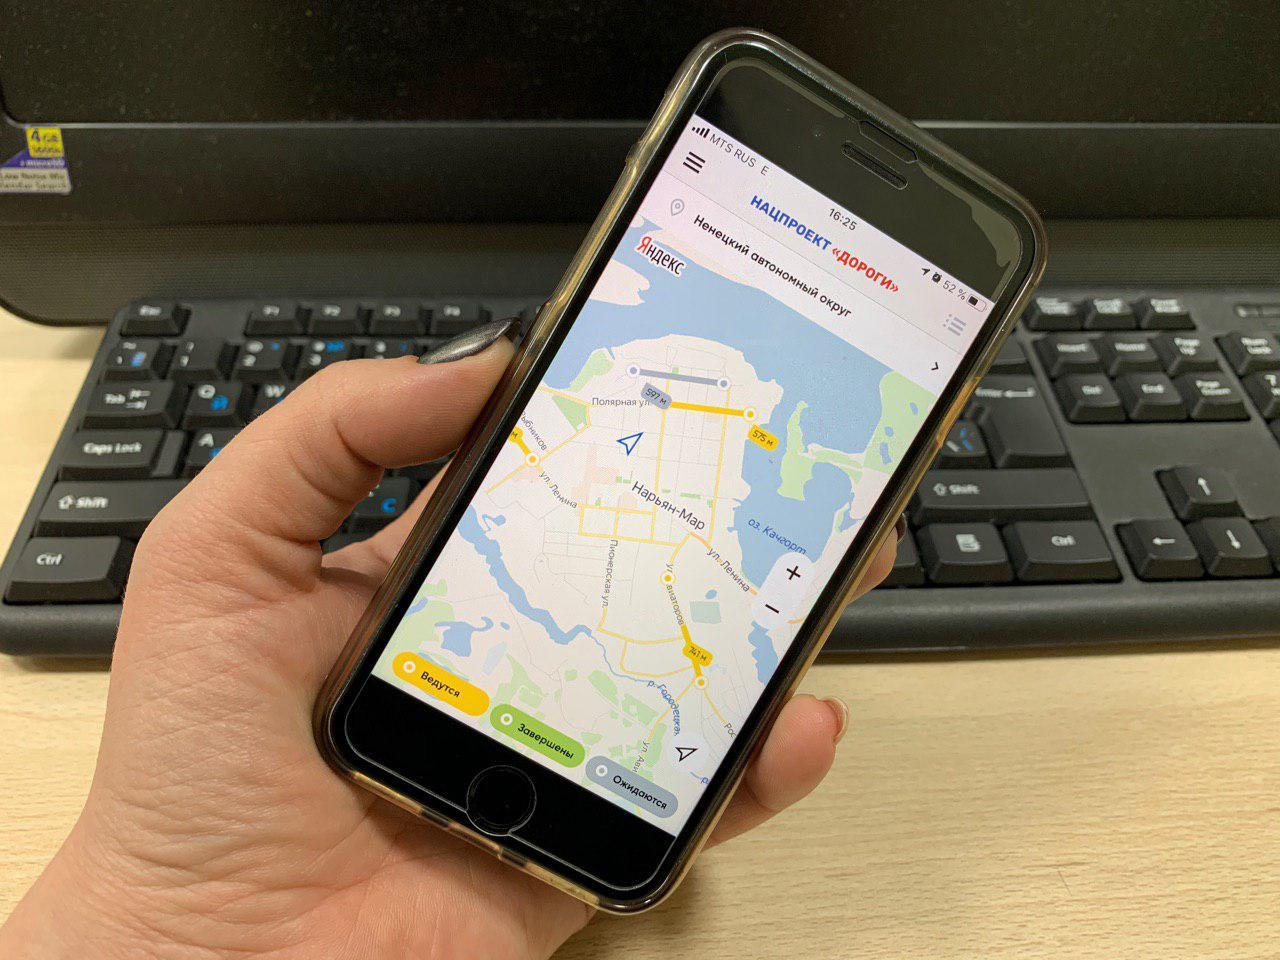 Жители НАО смогут оценить качество дорог через мобильное приложение